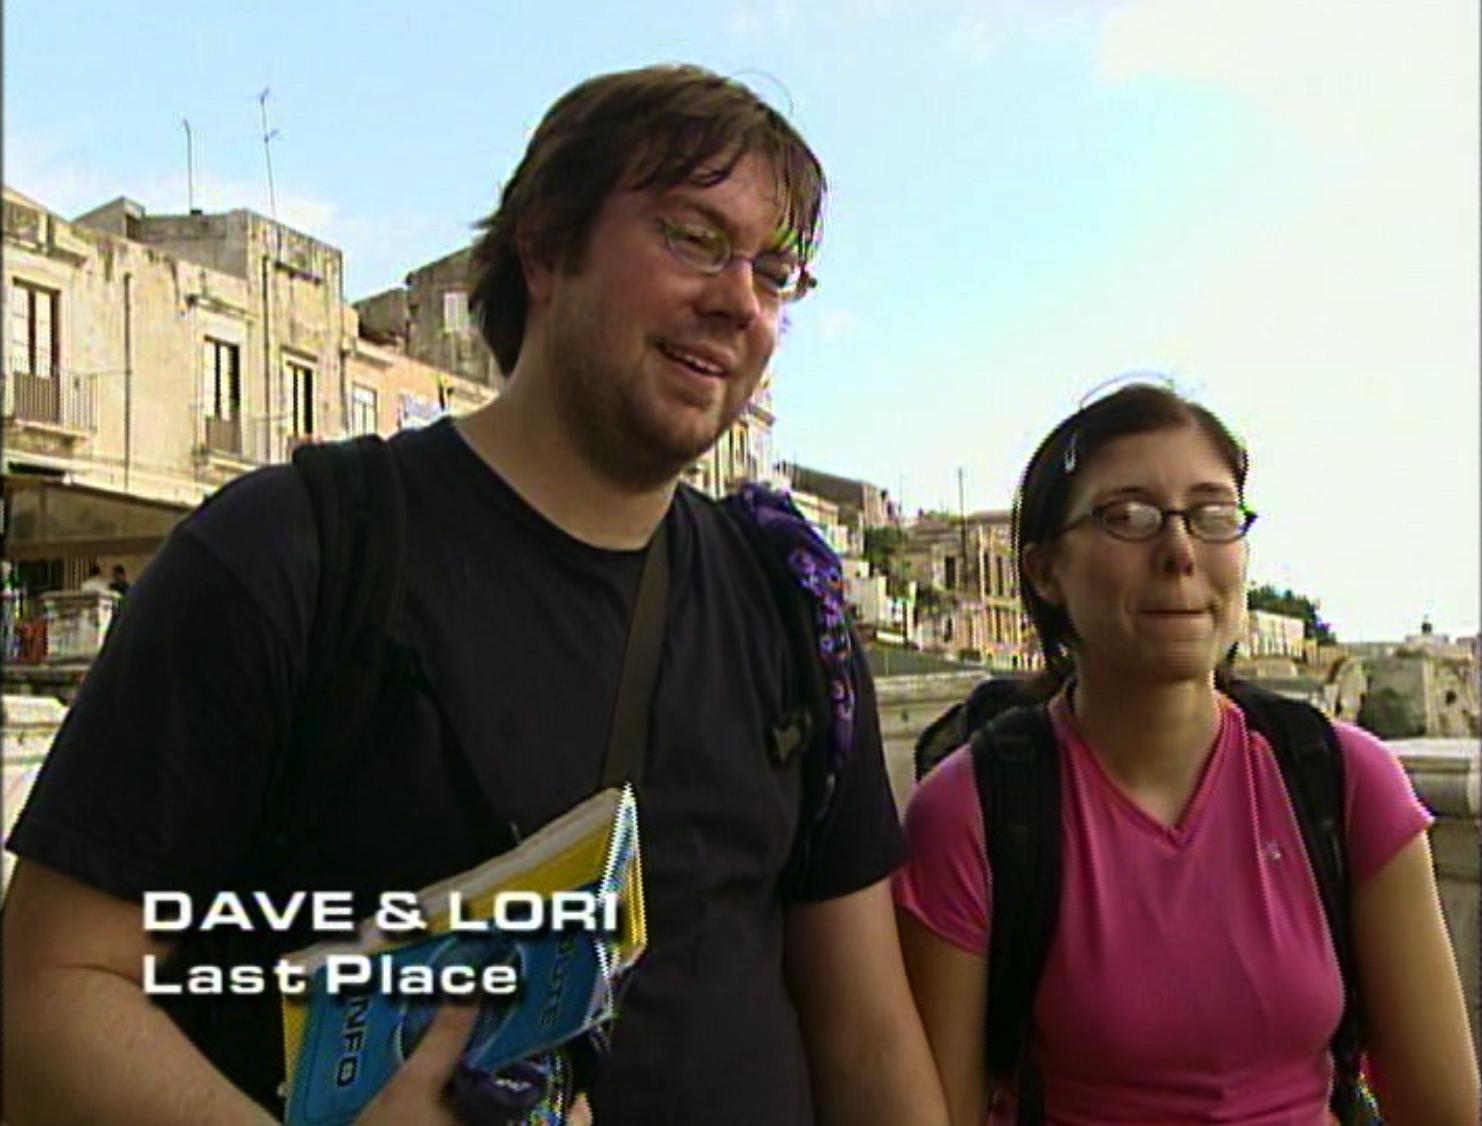 Dave & Lori/Gallery